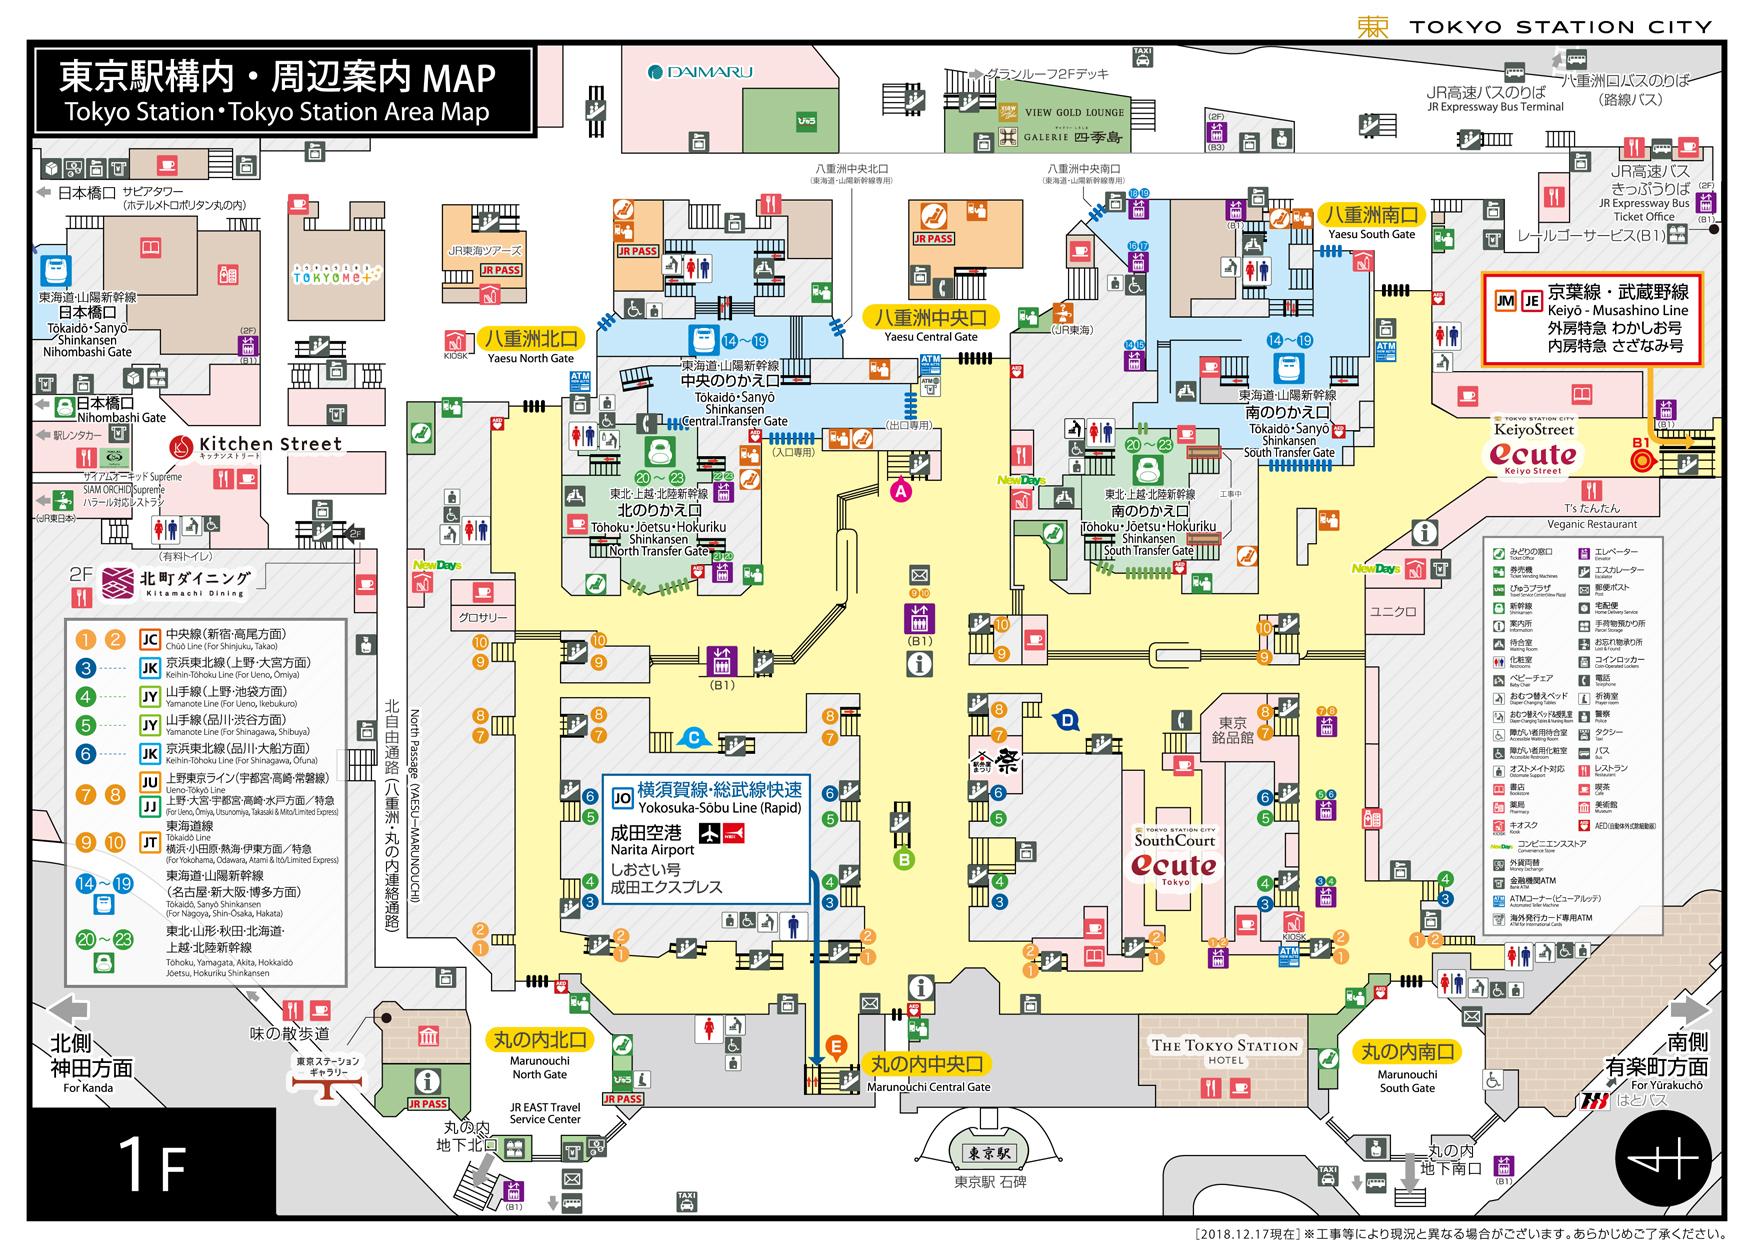 A3_MAP_A_jpn_1F_20190218-thumb-1754x1260-4323.jpg